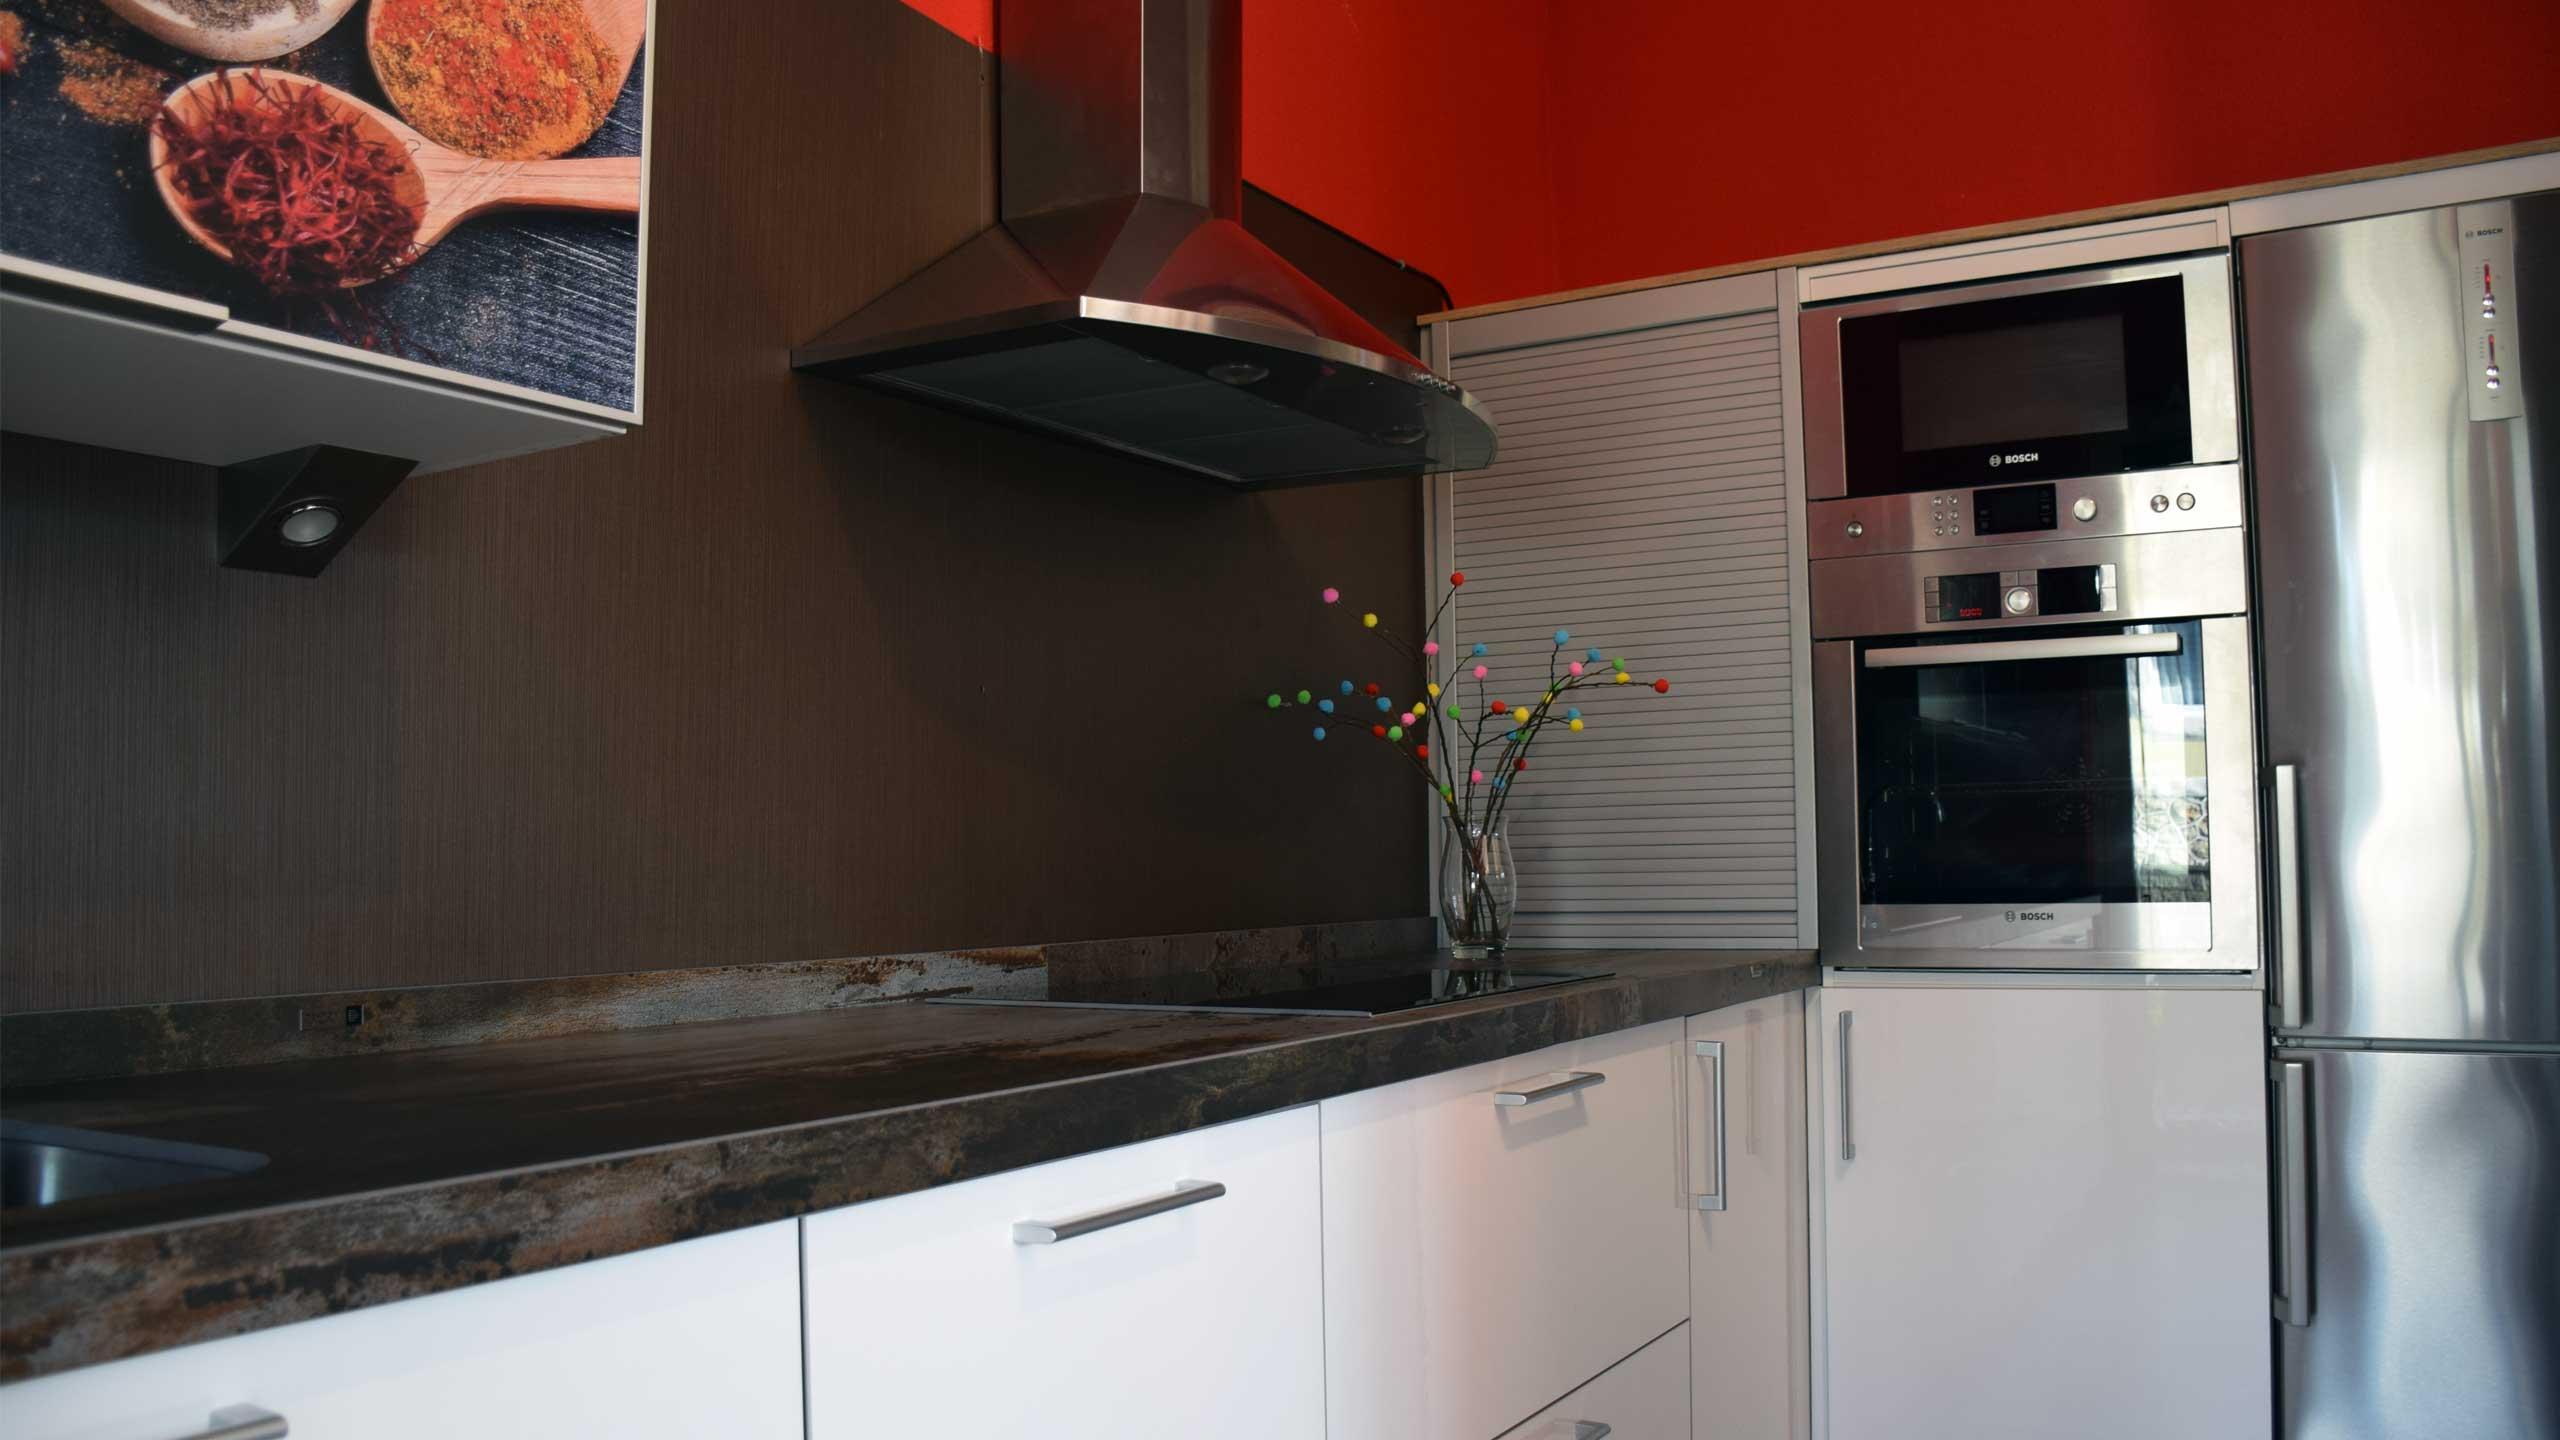 Especialistas en el diseño, montaje y elección en muebles de cocina y mecanismos adecuados.